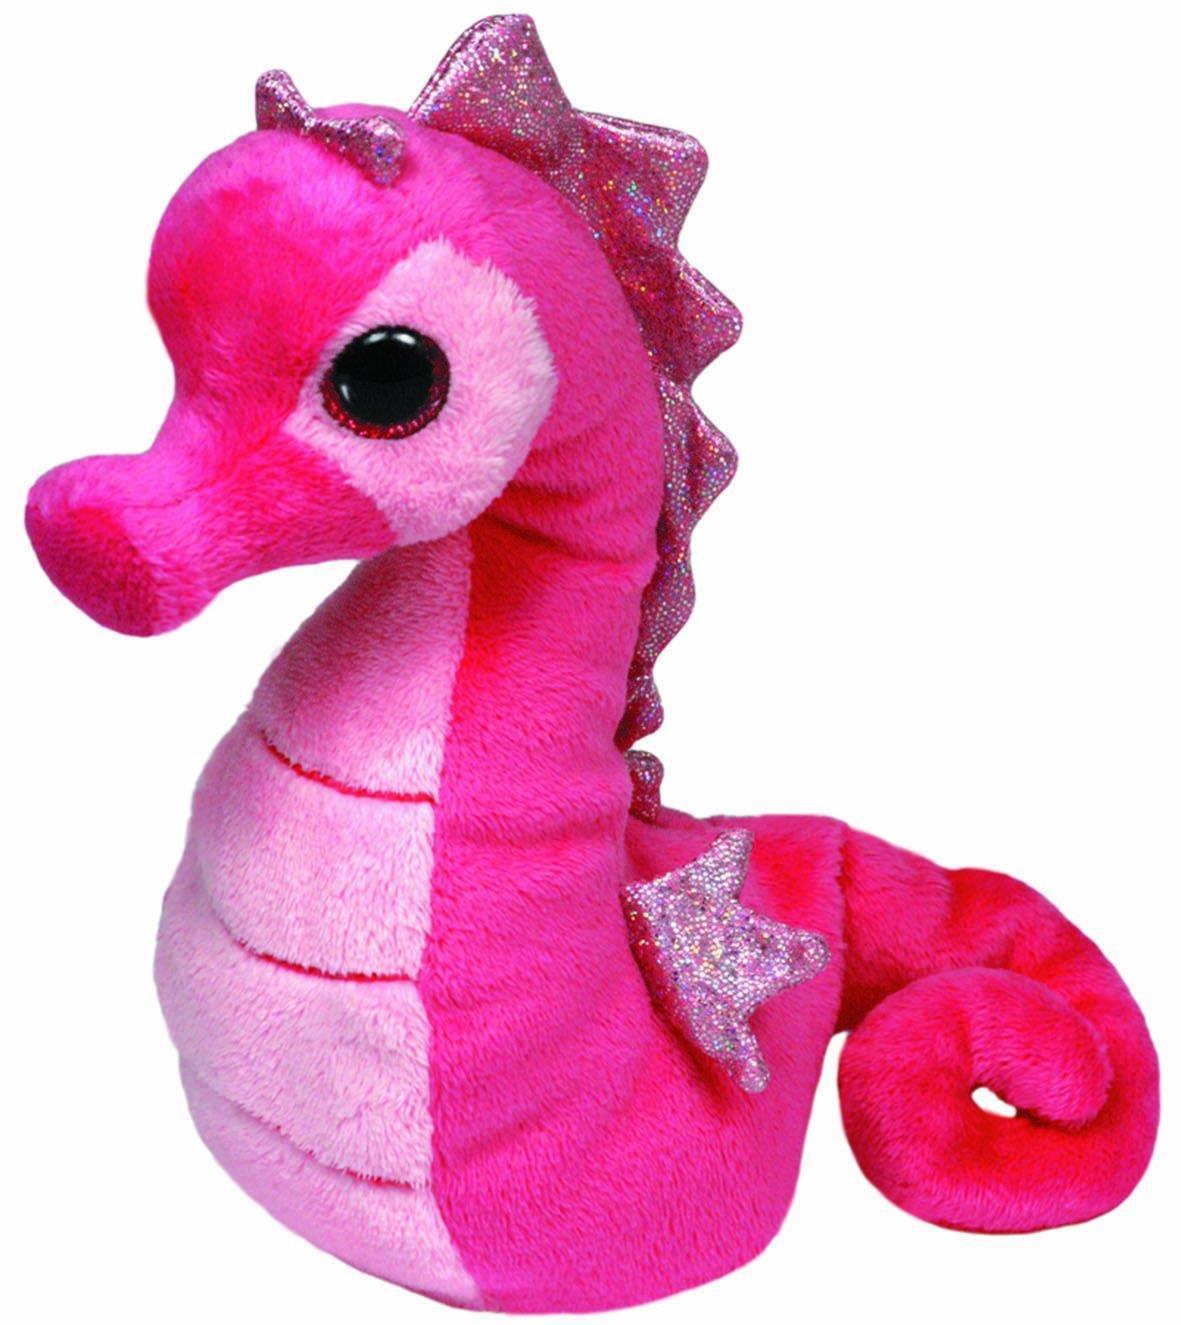 Majestic Мягкая игрушка Beanie Babies Морской конек цвет розовый 17 см